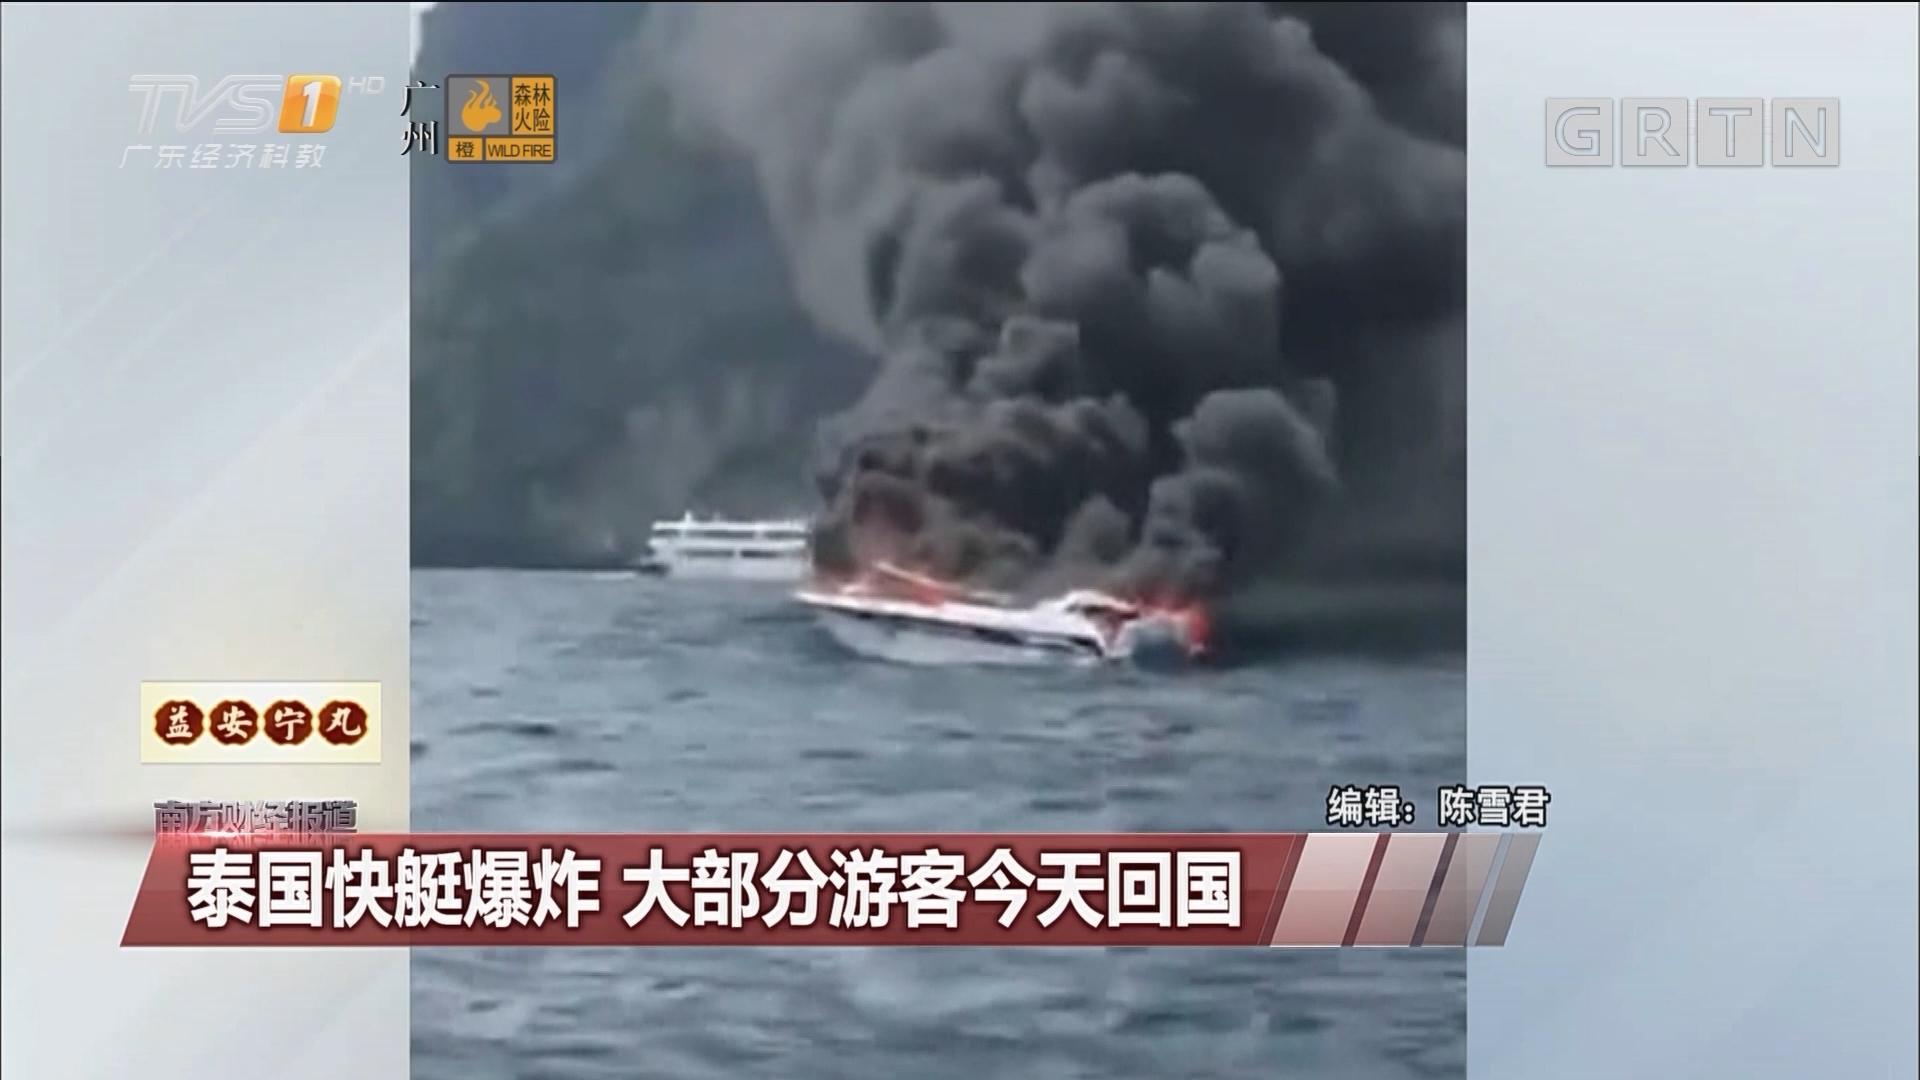 泰国快艇爆炸 大部分游客今天回国